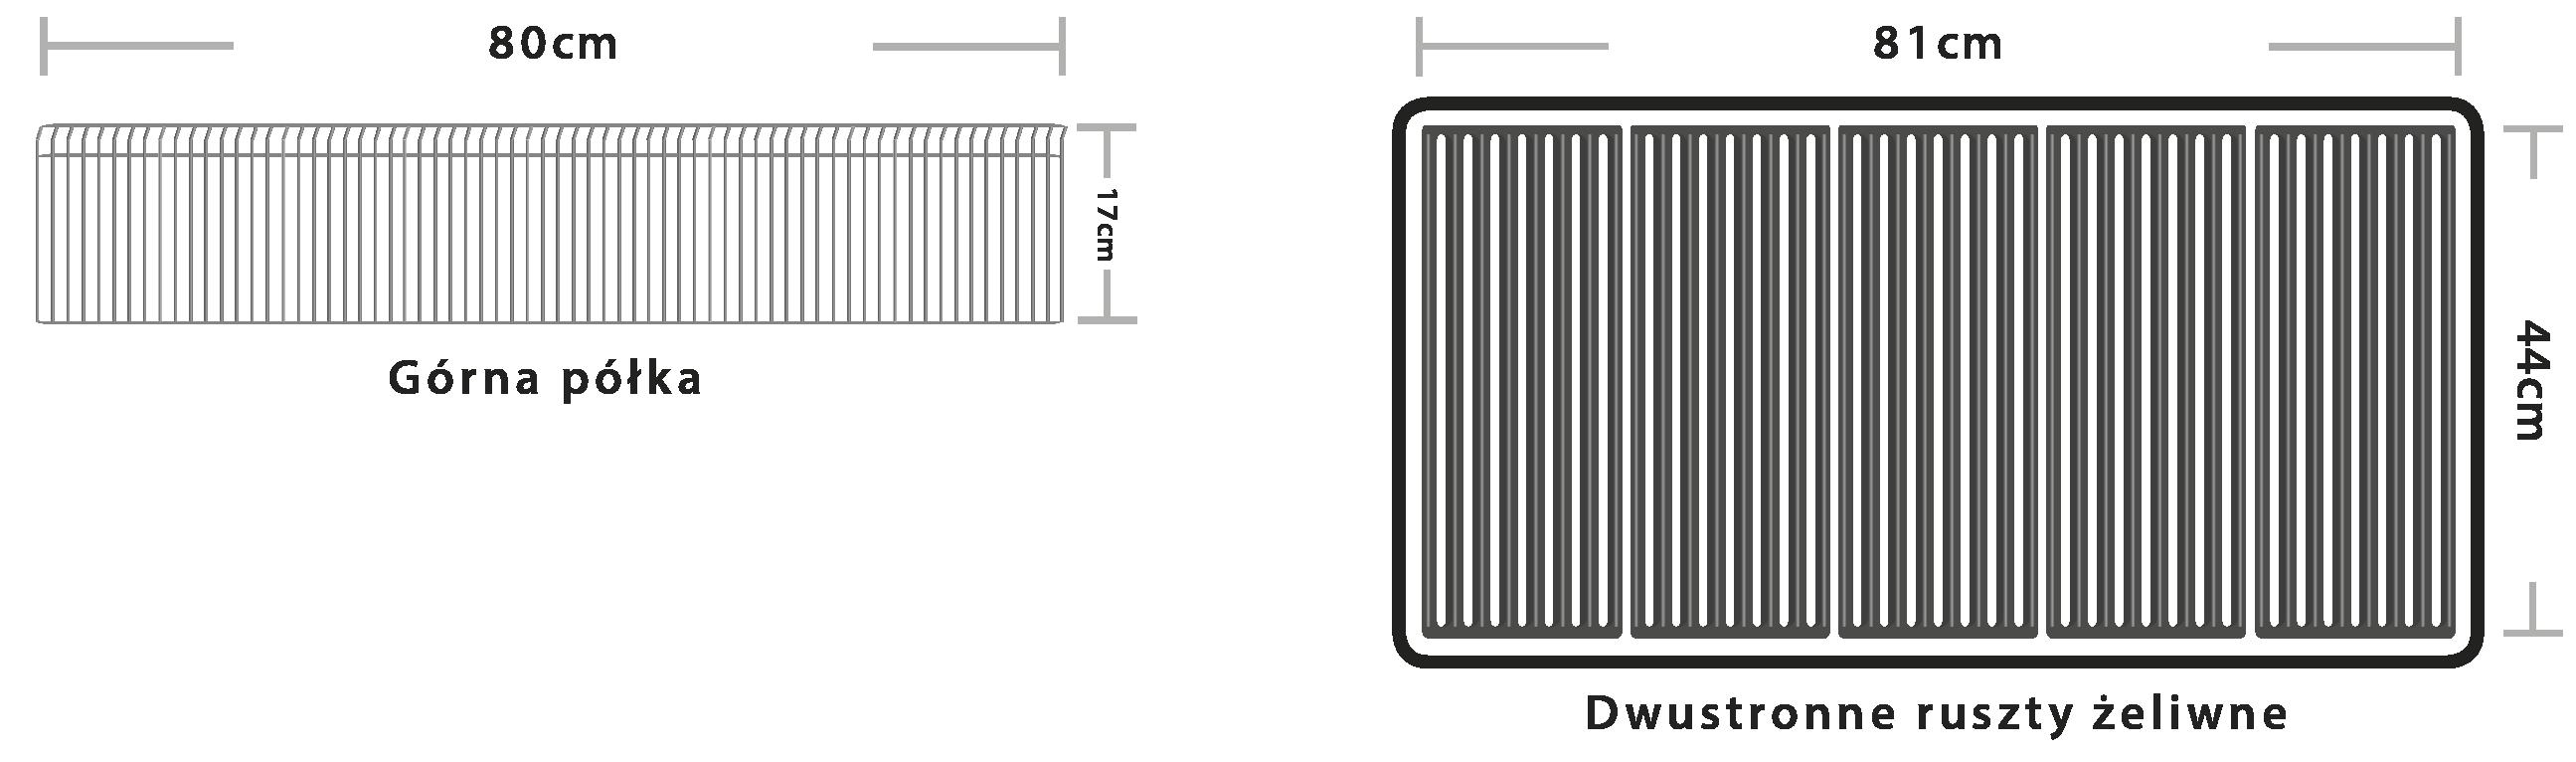 wymier rusztów w grillu Baron 590